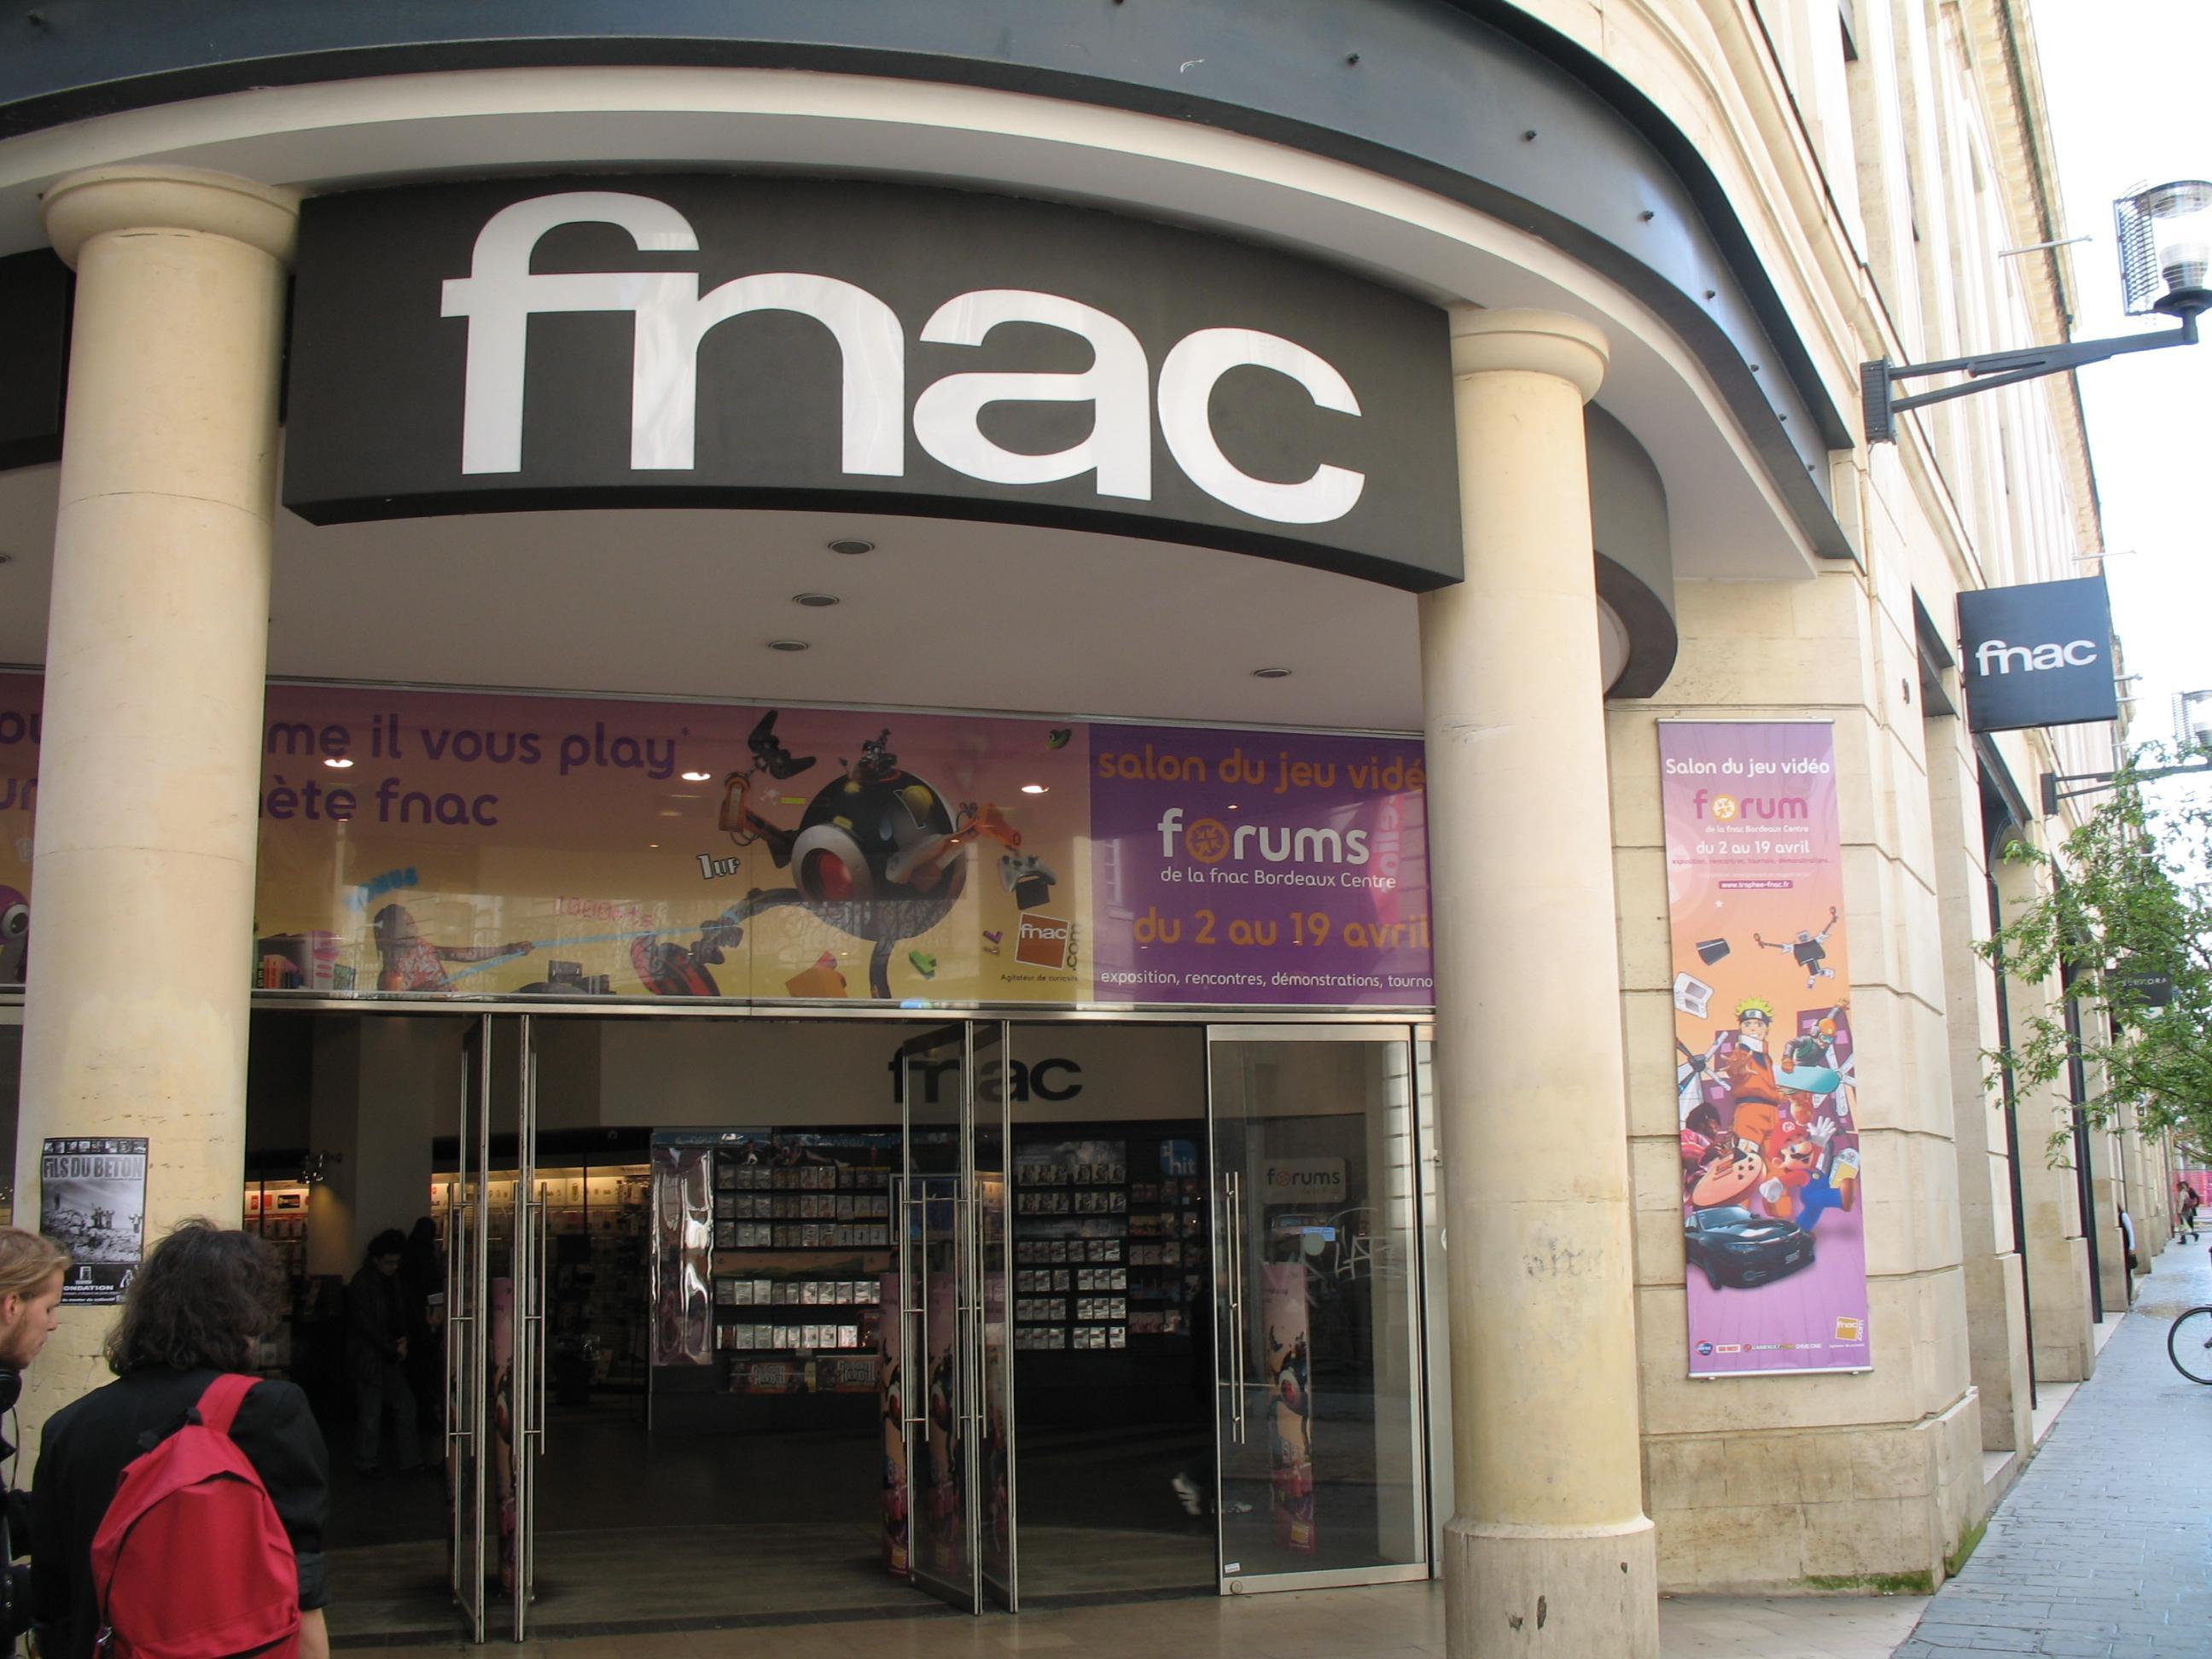 forum des rencontres fnac lille)